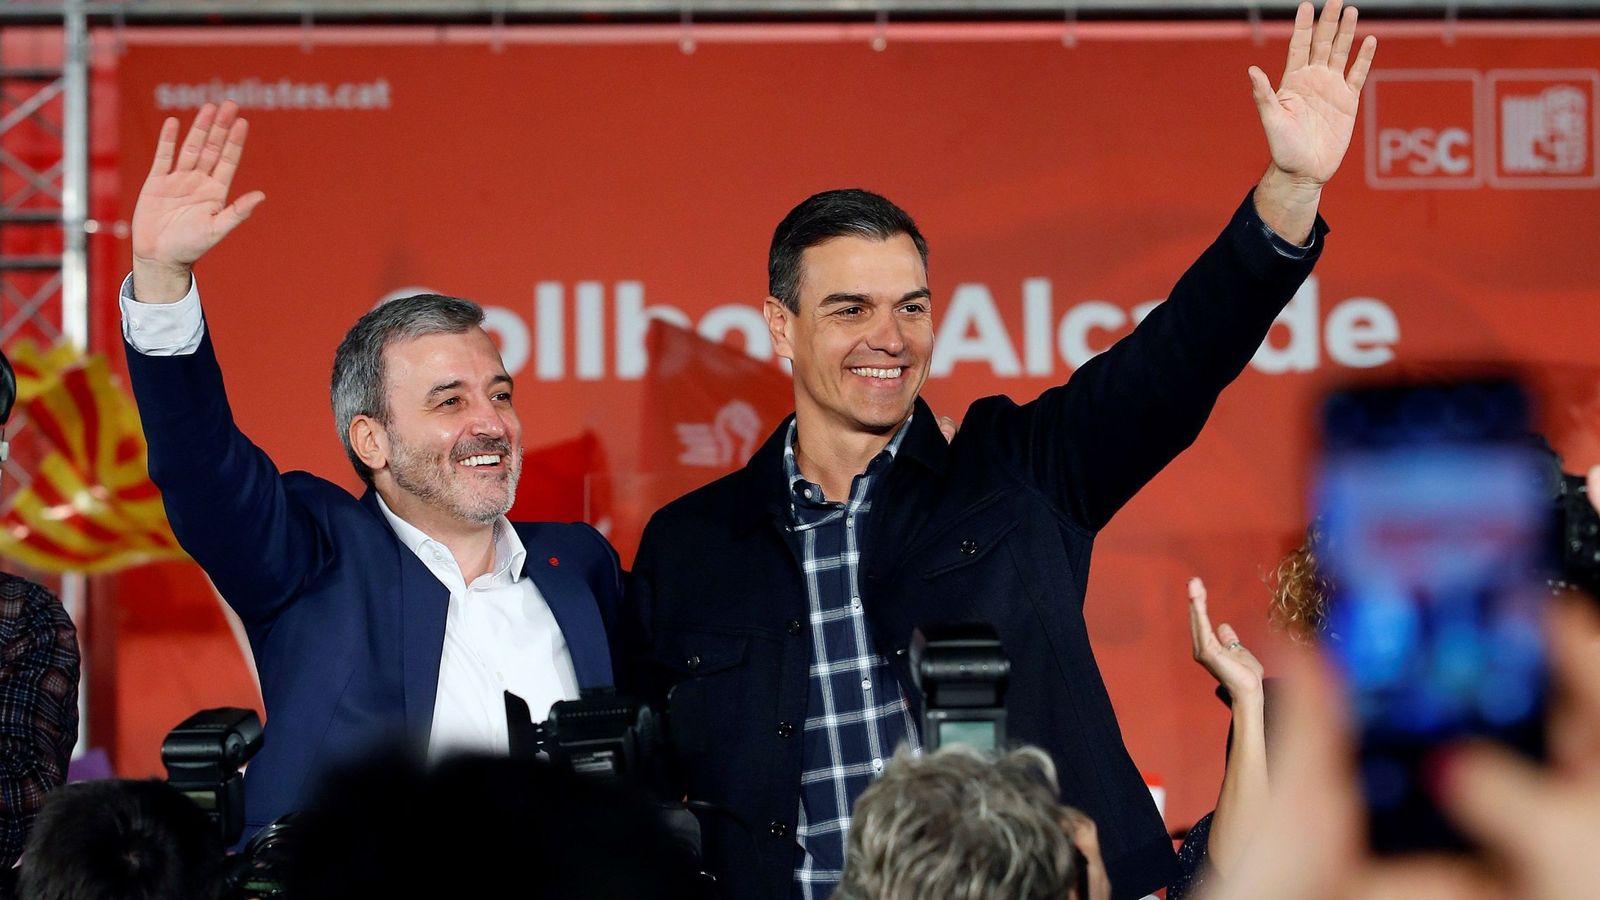 Foto: Pedro Sánchez arropa al candidato del PSC a la alcaldía de Barcelona, Jaume Collboni, este 12 de enero en la capital catalana. (EFE)